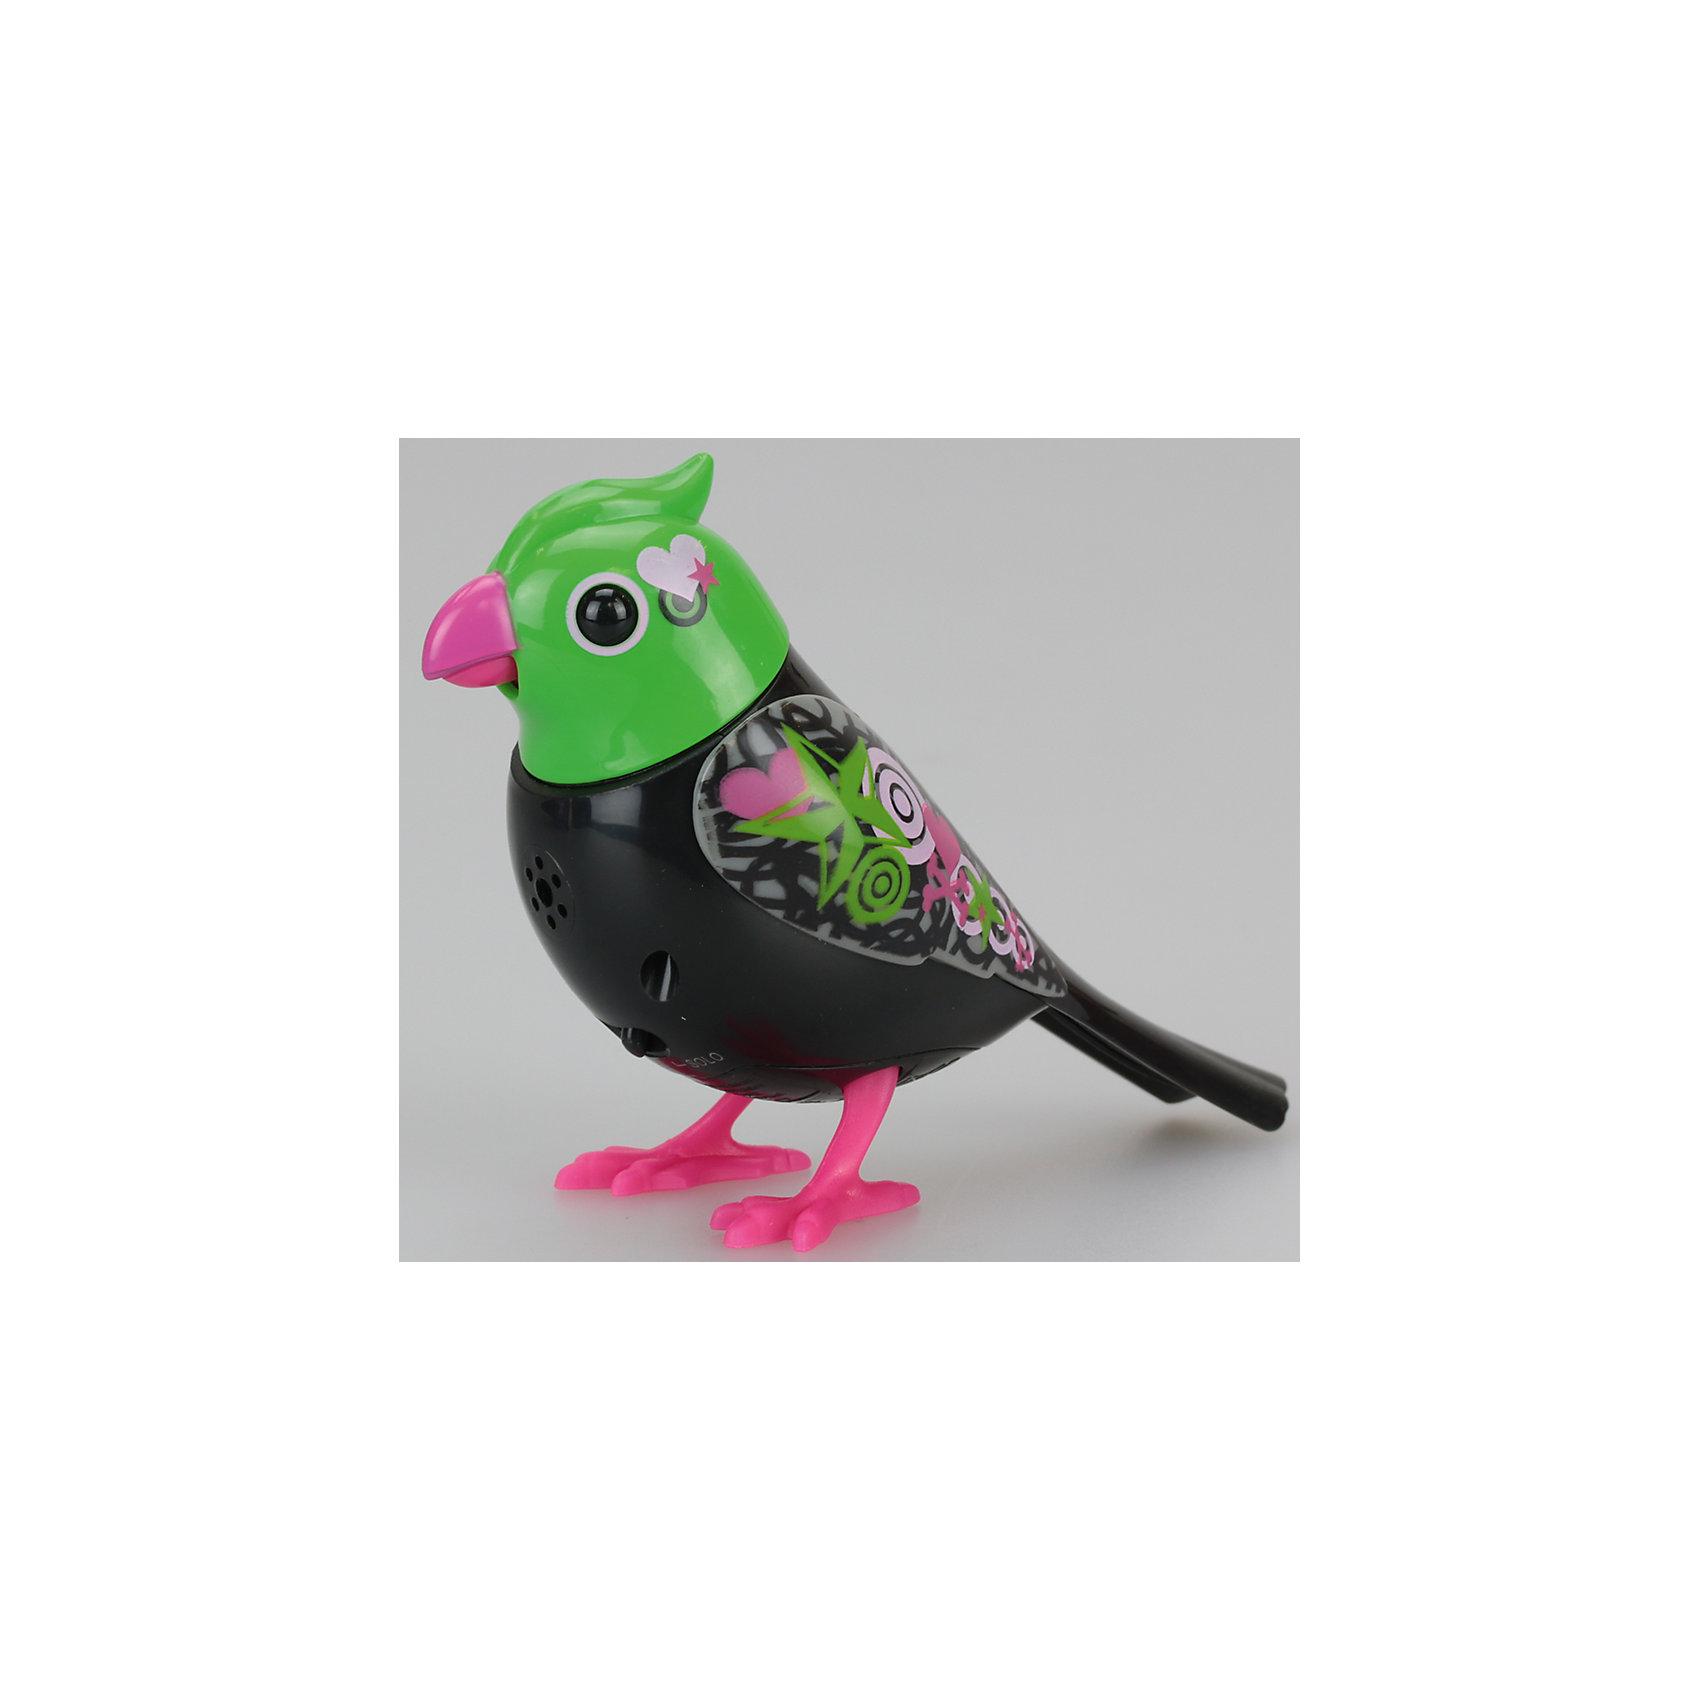 Поющая птичка с кольцом, красно-зеленая, DigiBirdsЗаводные игрушки<br>Поющая птичка с кольцом, красно-зеленая, DigiBirds<br><br>Характеристики:<br><br>• Возраст: от 3 лет<br>• Цвет: красно-зеленая<br>• В комплекте: 1 птичка, 1 свисток<br>• Батарейки: 3 (мини)<br>• Материал: пластик<br>• Размер игрушки: 6,5 см<br><br>В программу этой поющей птички заложено более пятидесяти различных звуков и мелодий! Она может петь и шевелиться, а так же стоять на любой поверхности, а не только на своей жердочке, что делает ее мобильной и позволяет ребенку носить ее с собой. <br><br>При приобретении нескольких игрушек данной серии она может даже петь с ними в хоре. Для активации игрушки необходимо подуть в свисток, который идет в комплекте. При пении у птички светятся глаза, она может открывать клюв и шевелить головой.<br><br>Поющая птичка с кольцом, красно-зеленая, DigiBirds можно купить в нашем интернет-магазине.<br><br>Ширина мм: 64<br>Глубина мм: 152<br>Высота мм: 102<br>Вес г: 91<br>Возраст от месяцев: 36<br>Возраст до месяцев: 84<br>Пол: Женский<br>Возраст: Детский<br>SKU: 5420000